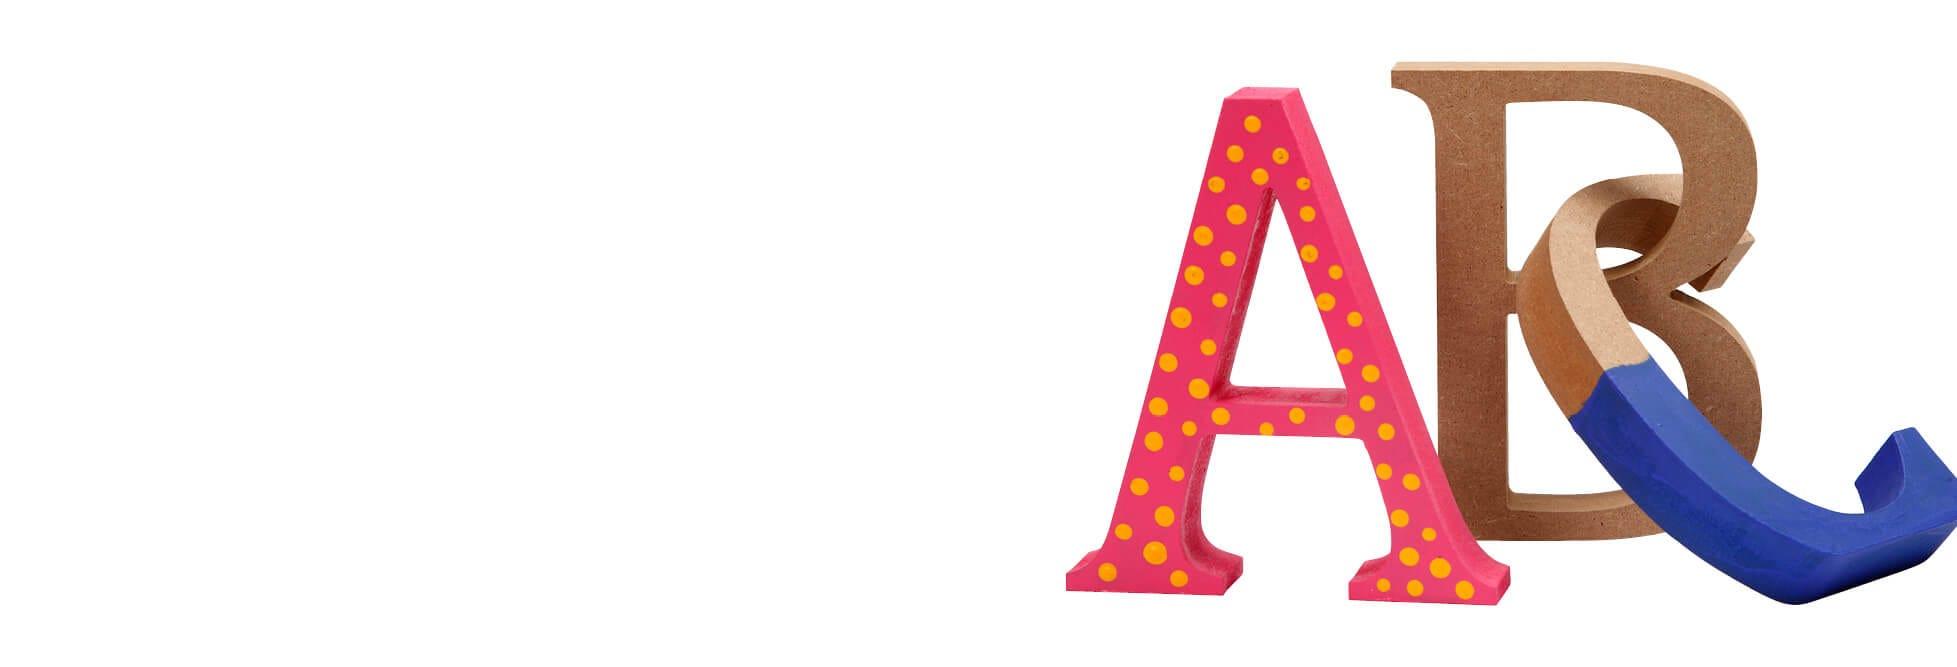 Letters, cijfers en woorden